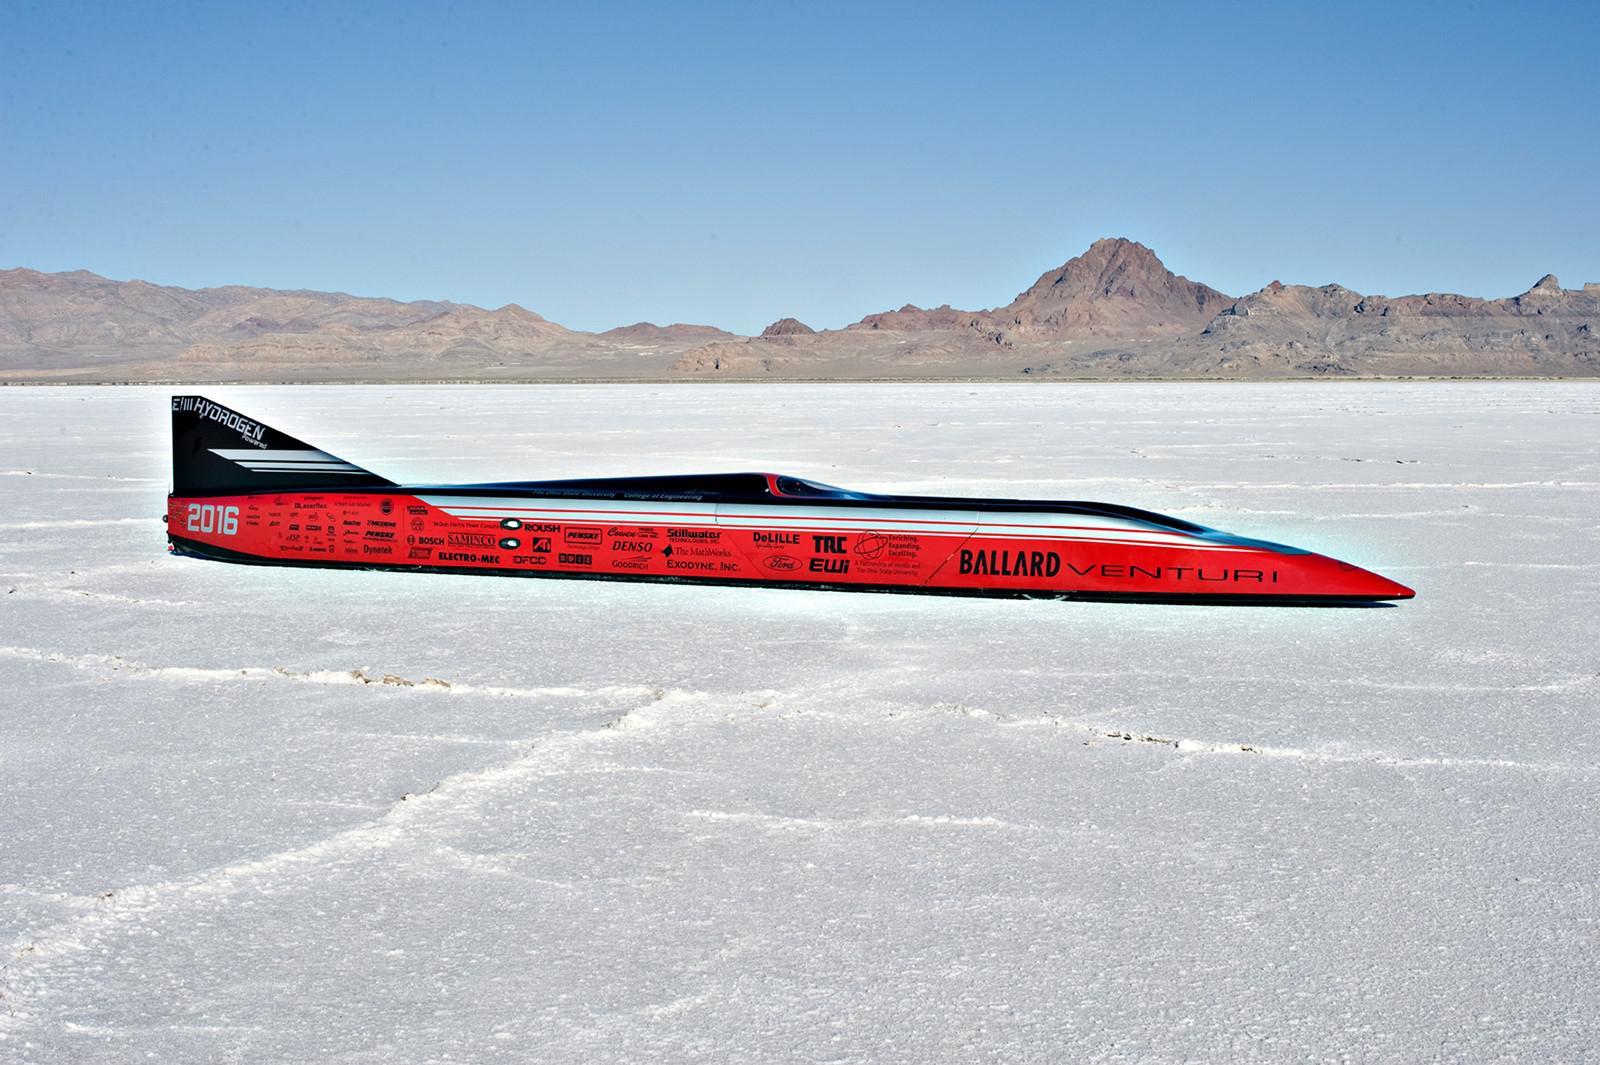 venturi-celebre-quatre-annees-du-record-du-monde-de-vitesse-549-km-h-pour-un-vehicule-electrique-1350-3.jpg